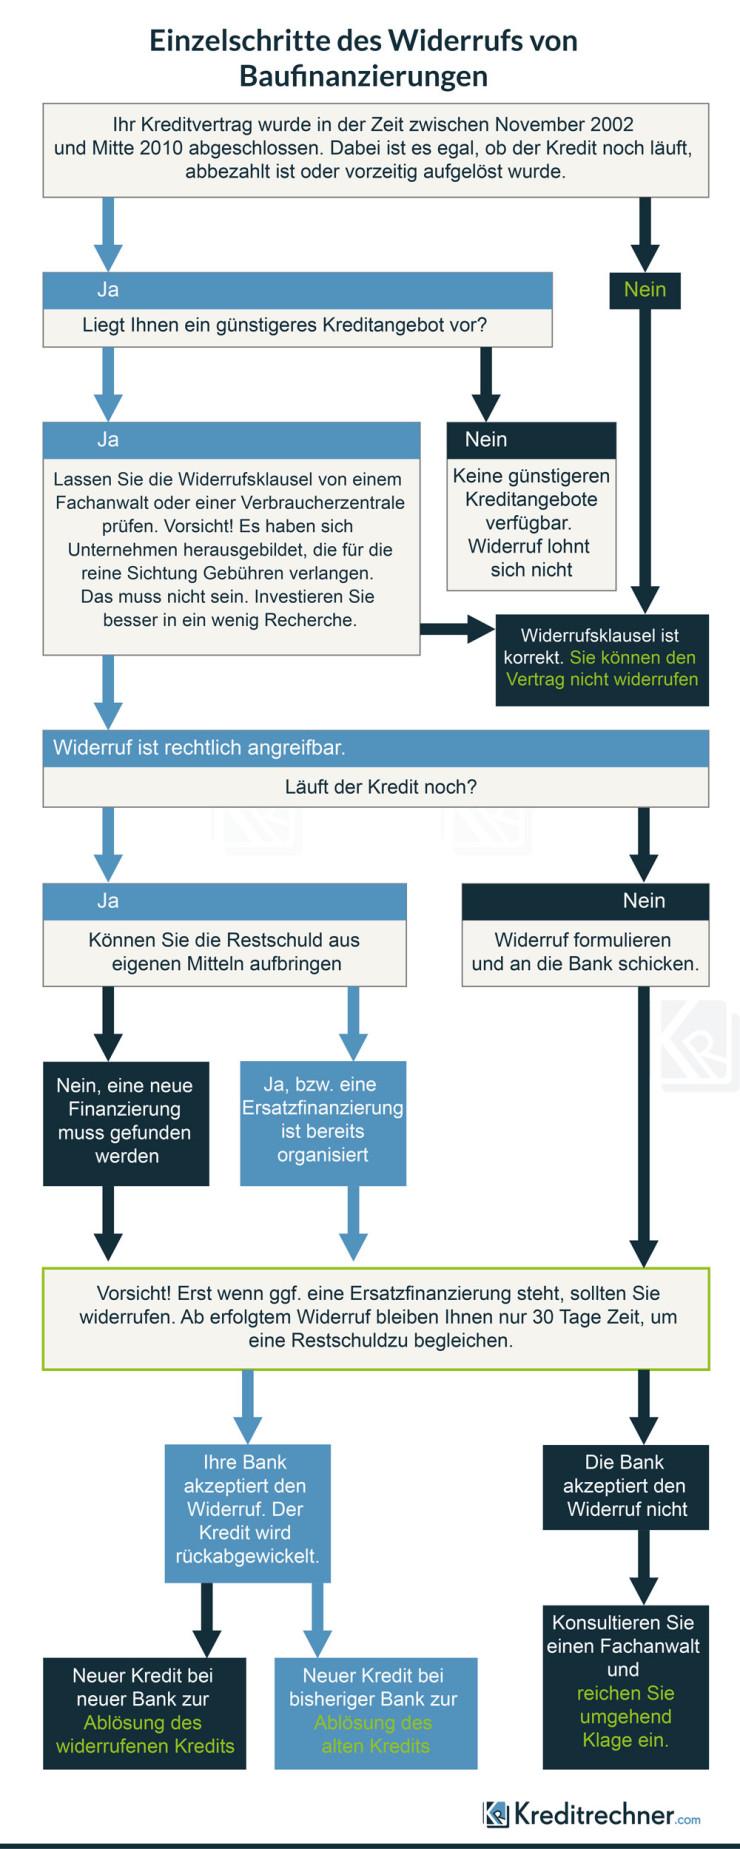 Schematischer Ablauf des Widerrufs einer Baufinanzierung